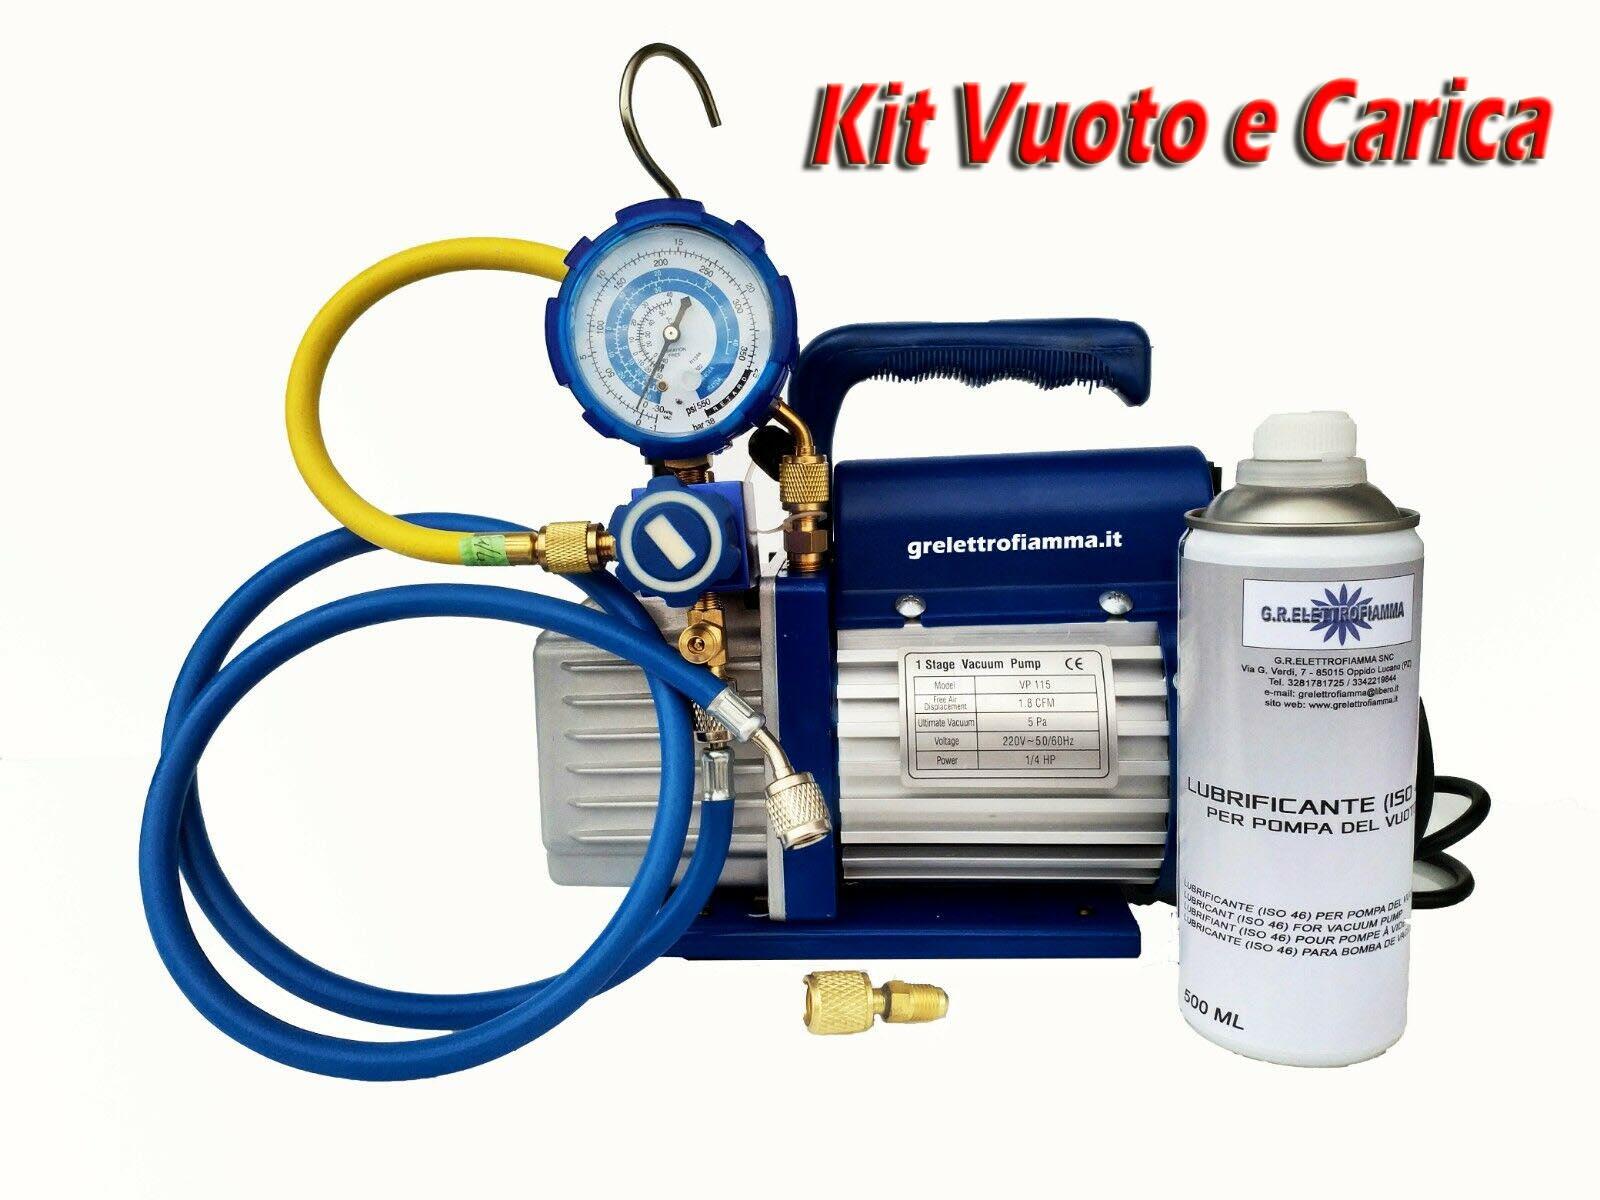 KIT CARICA E VUOTO POMPA 70 LT MANOMETRO RICARICHE GAS R410 R32 CONDIZIONATORE